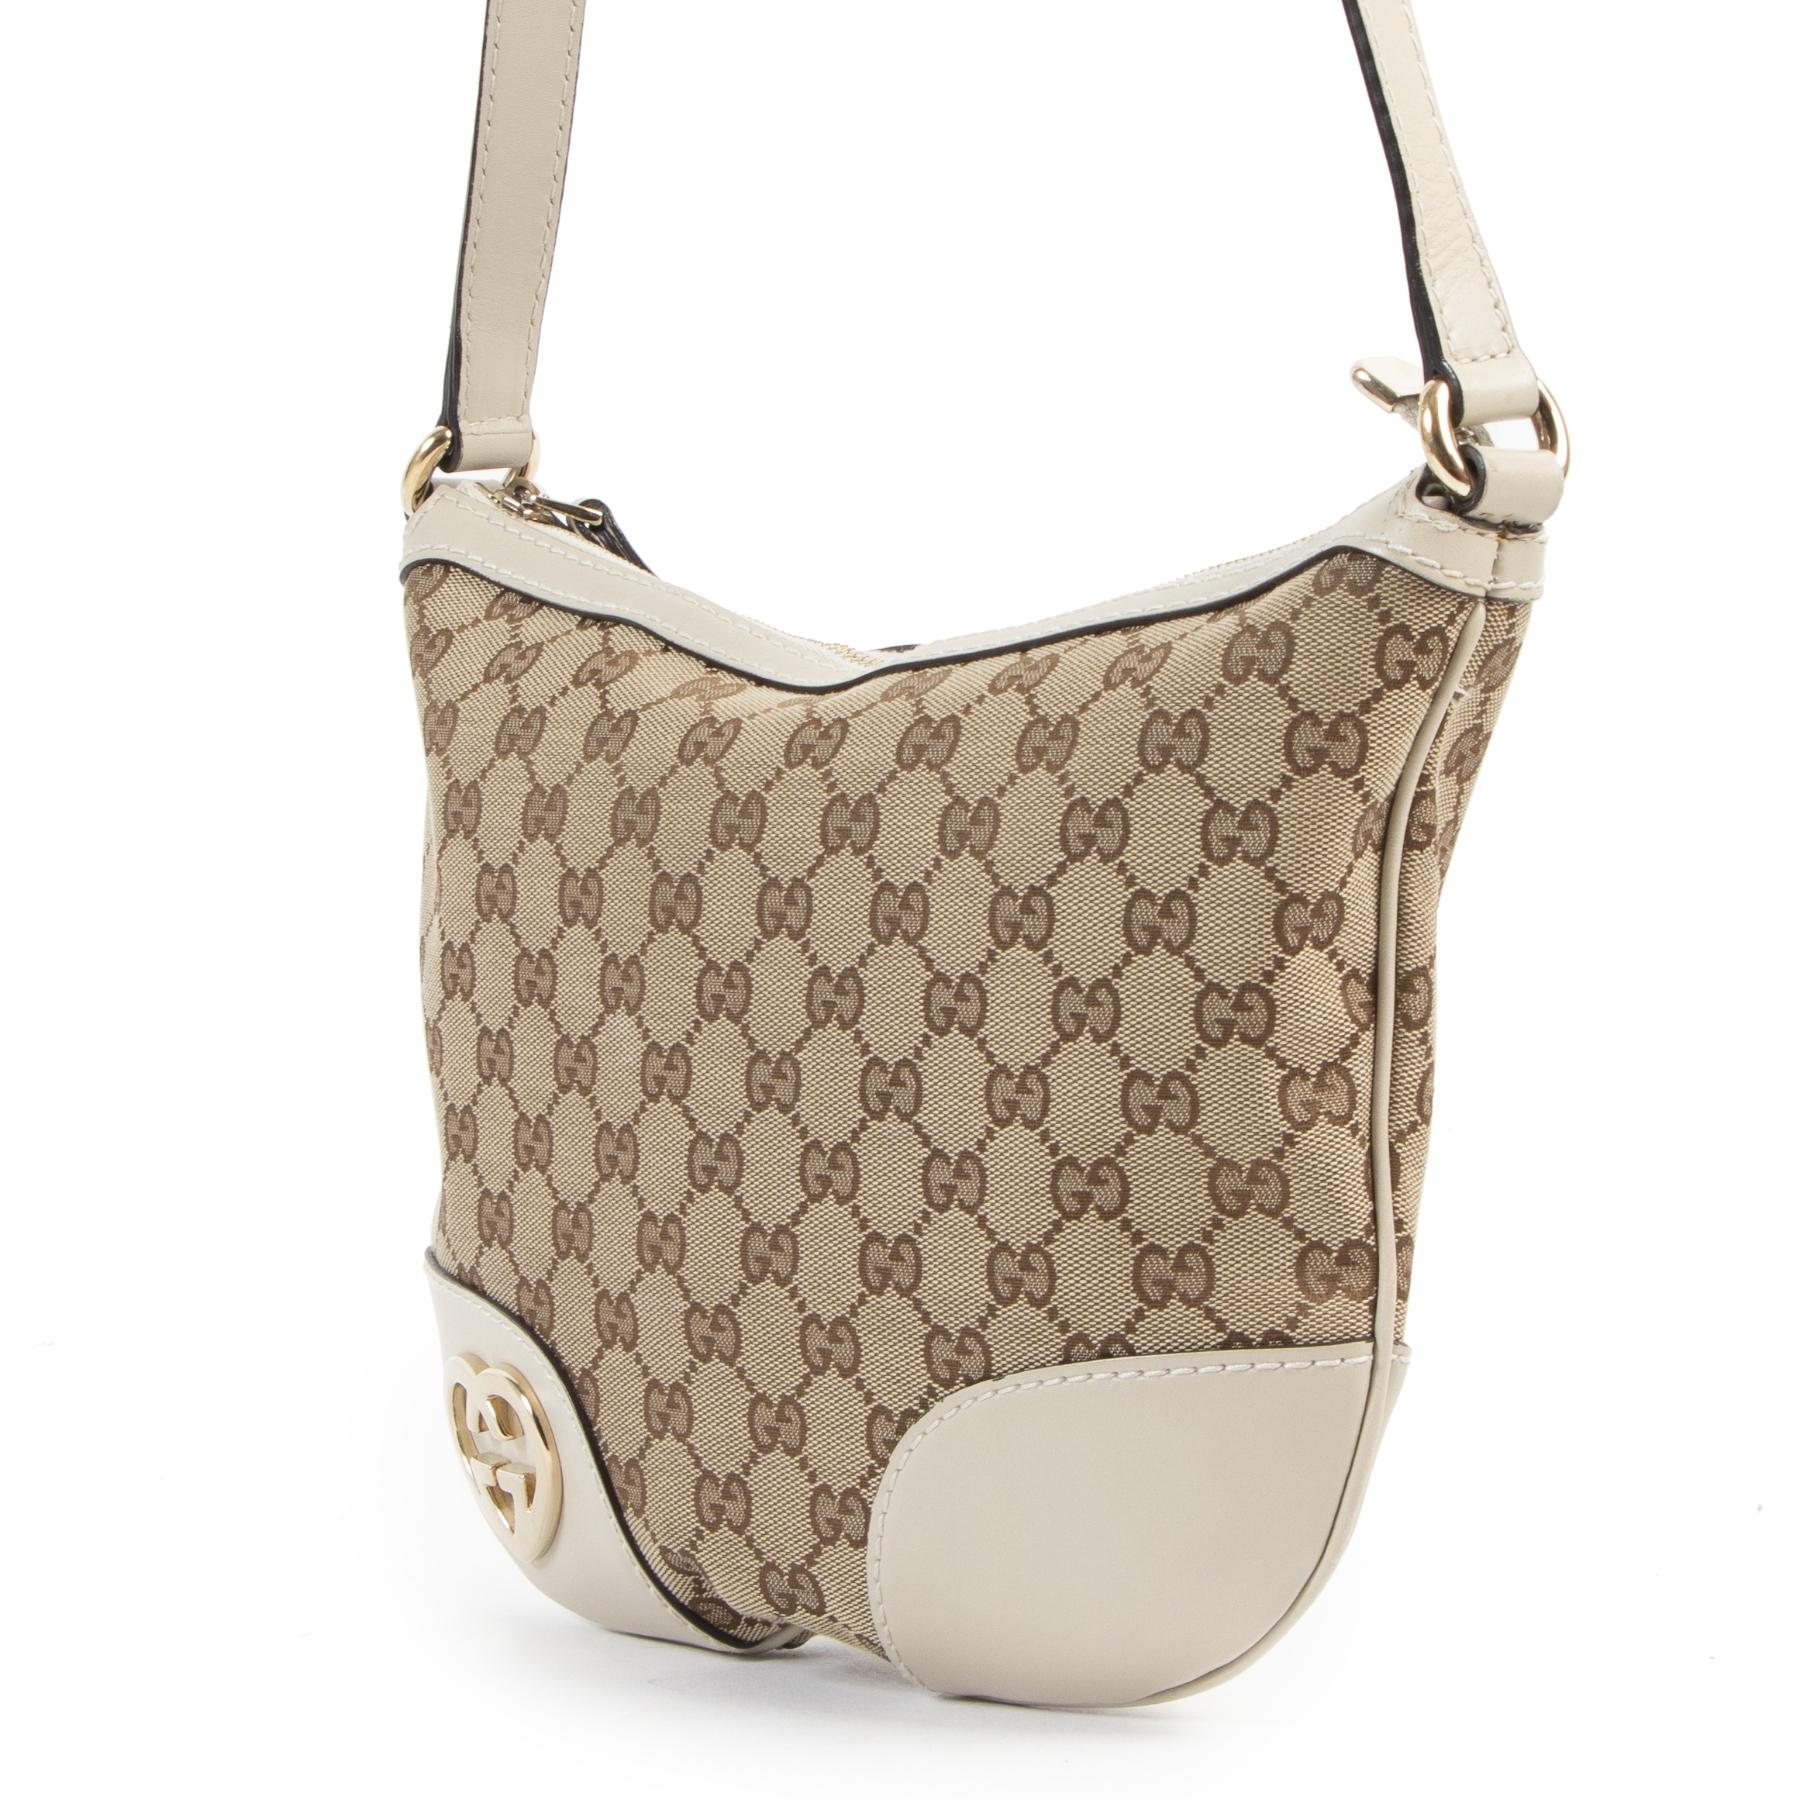 Gucci Monogram Crossbody Bag kopen en verkopen aan de beste prijs